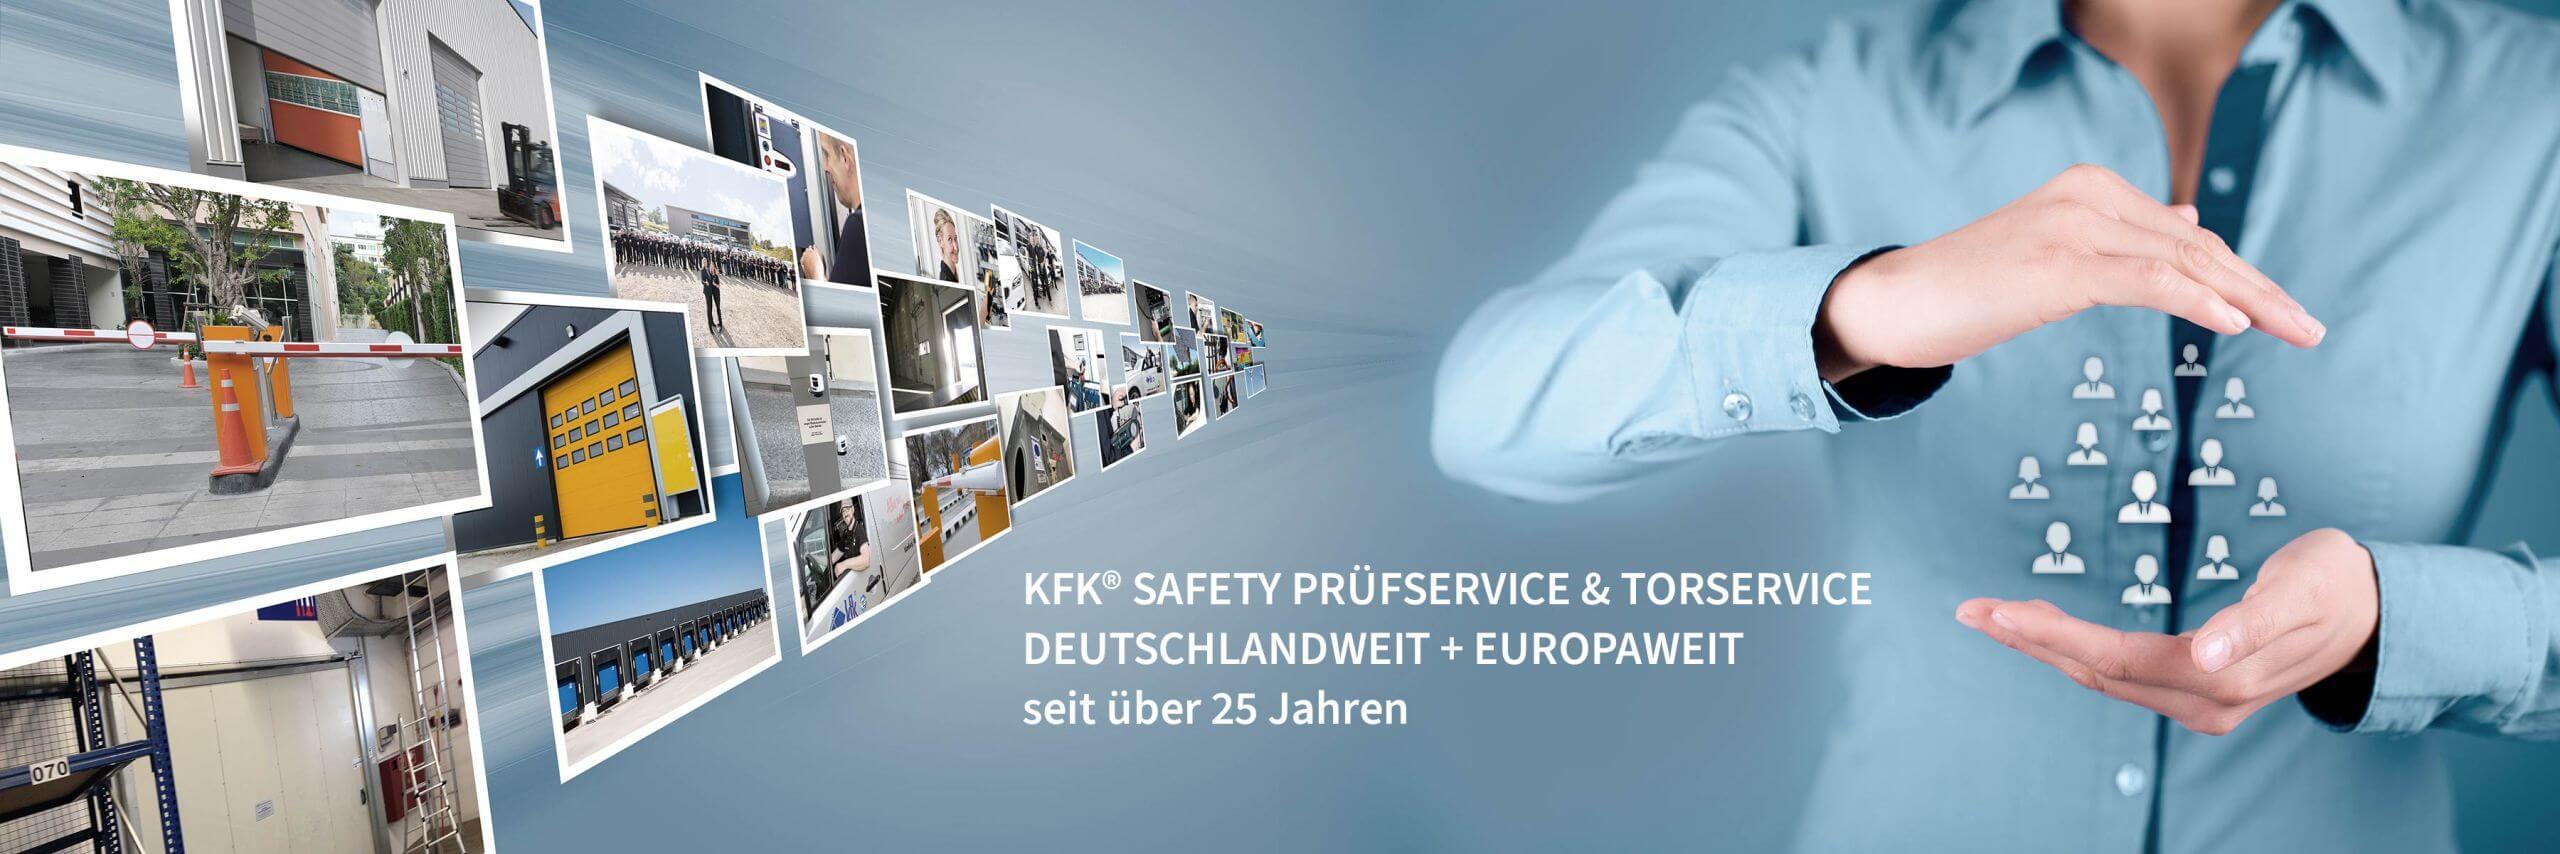 KFK® Safety Prüfservice & Torservice